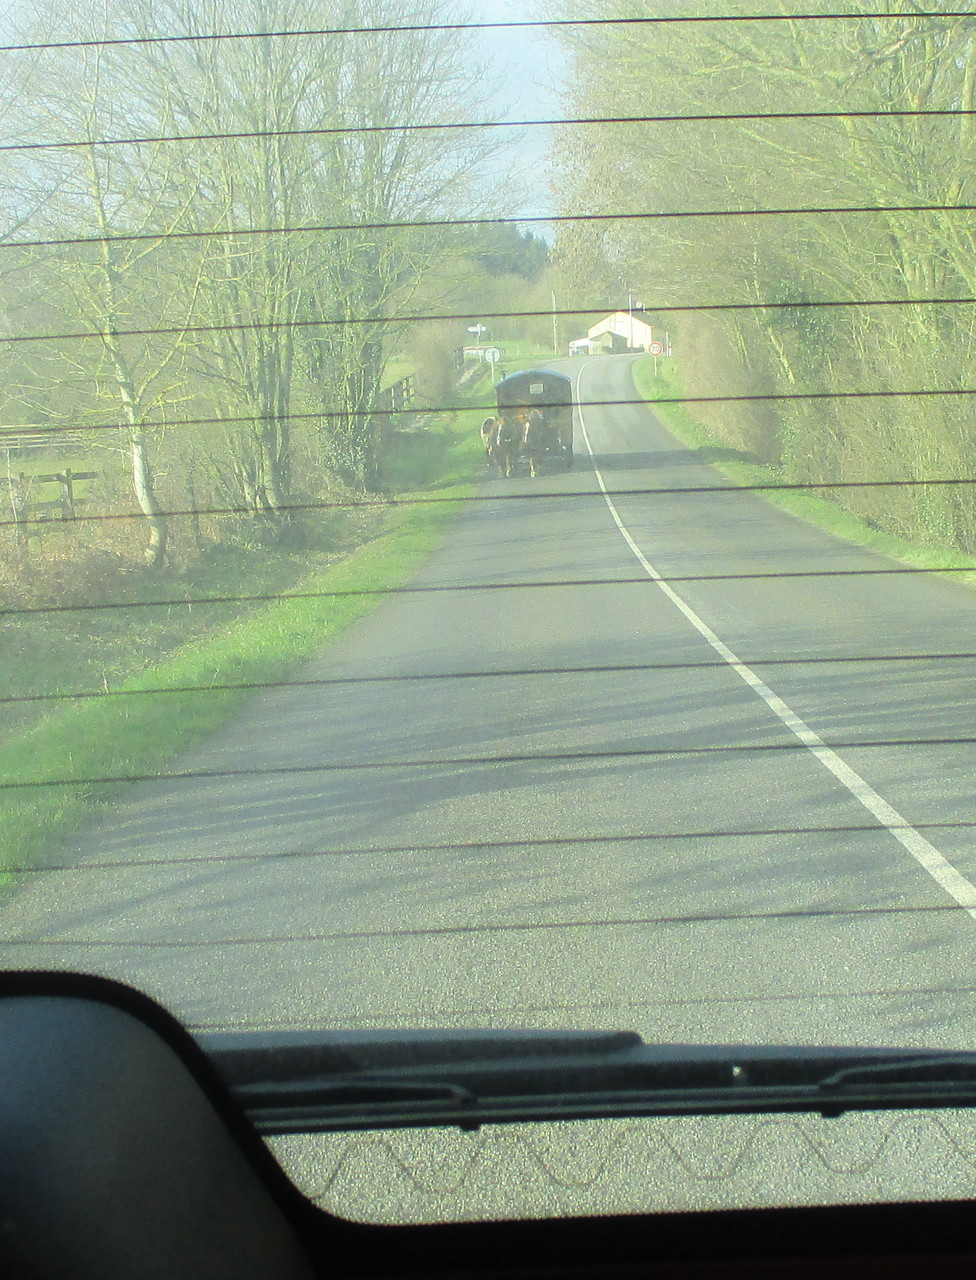 Sur le chemin du retour... Pas eu le temps de saisir suffisamment tôt mon appareil photo... Petit clin d'oeil pour notre Gitantroubadour...